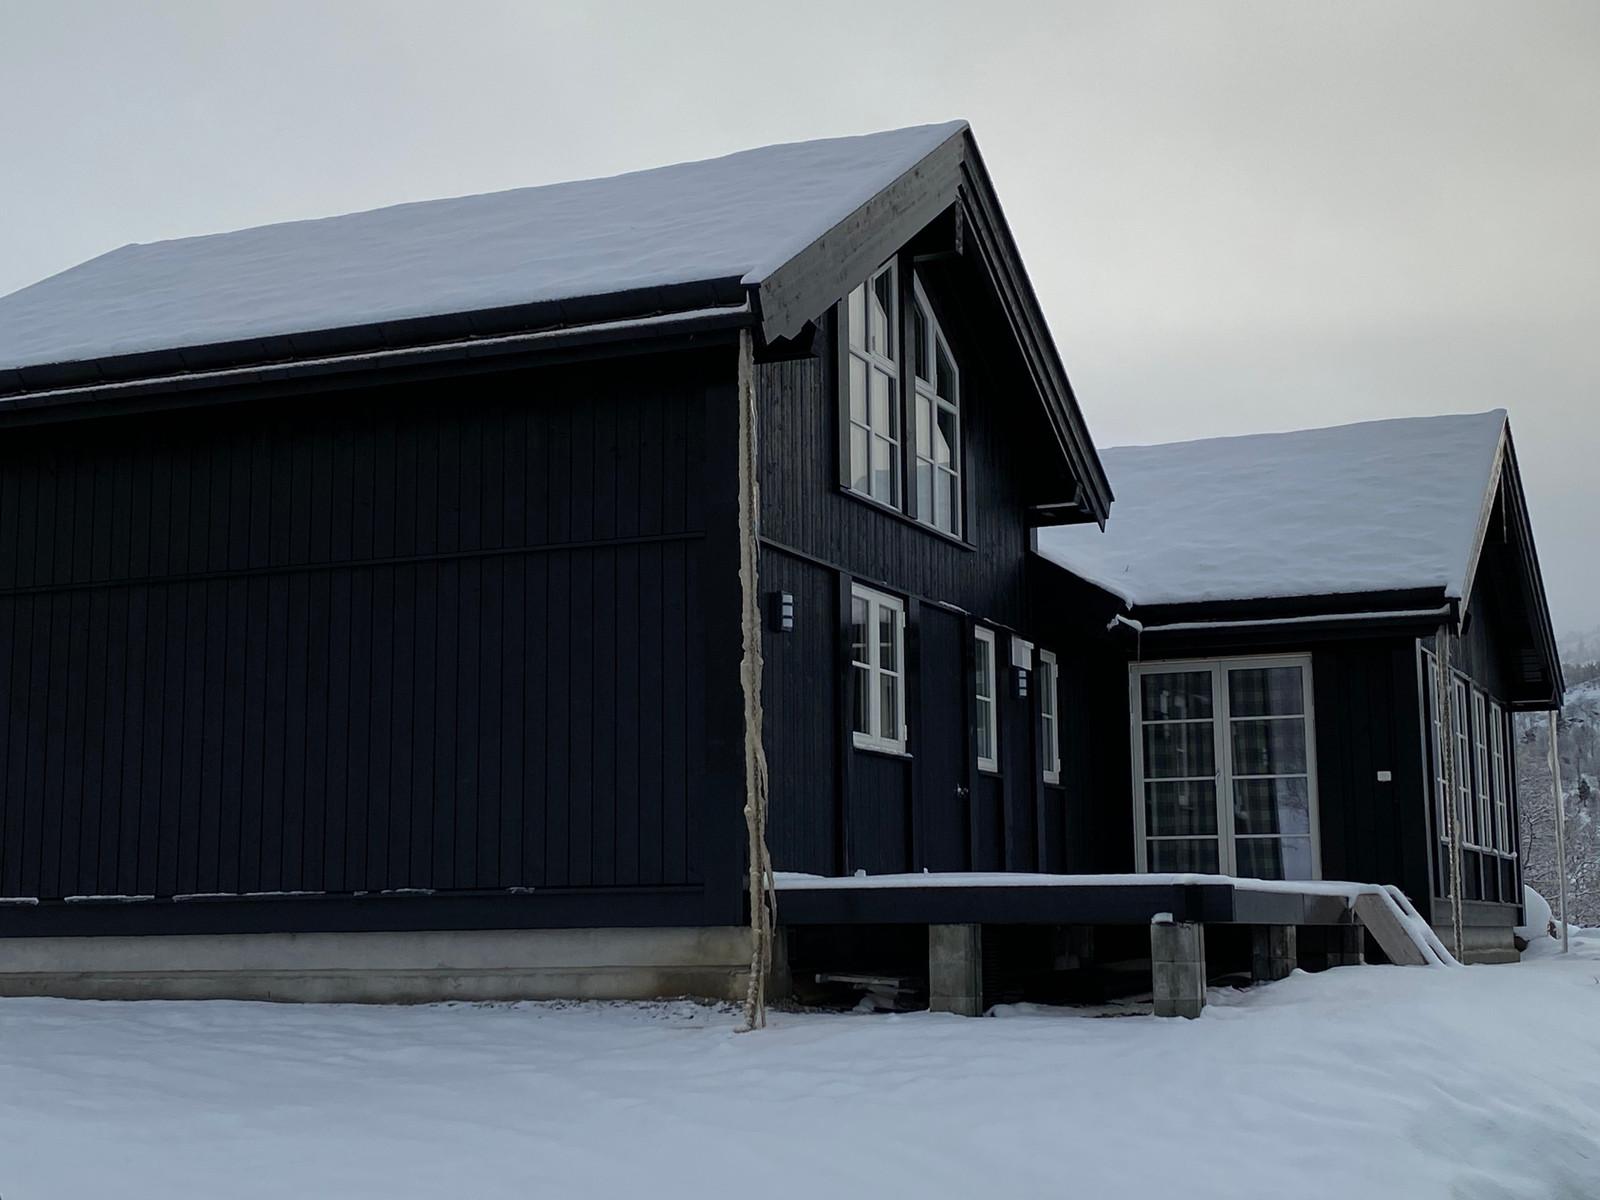 Bilde av en tilsvarende Beitostølen hytte som er bygget på feltet.  Med mange soverom og lyse stuer med flott utsikt er for mange drømmehytten på fjellet. Hytten har noen kundetilpasninger og tilvalg.